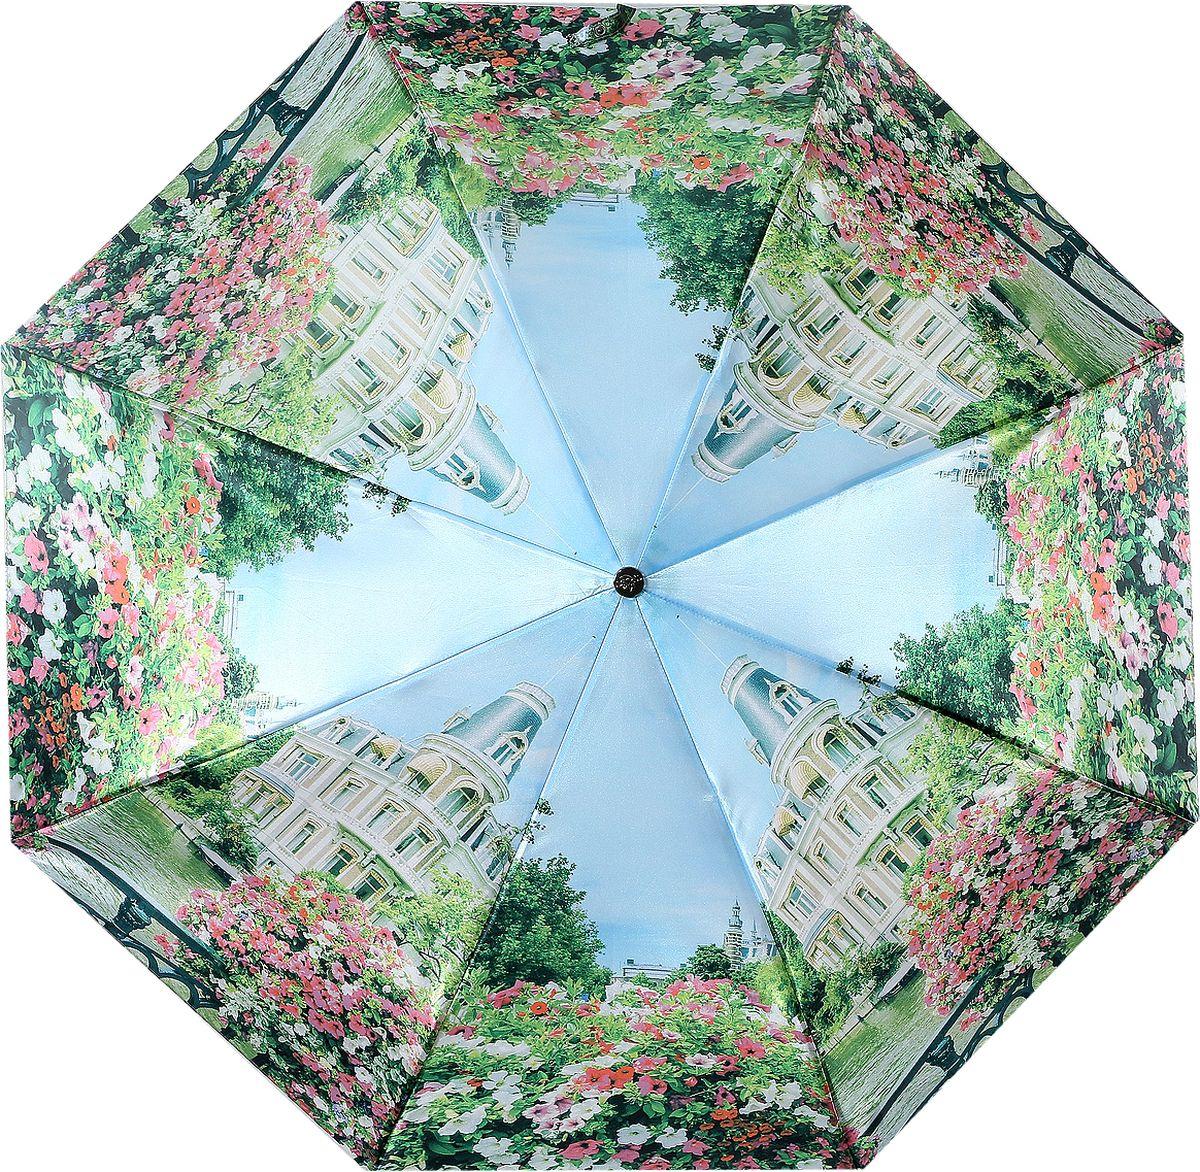 Зонт женский Trust, автомат, 3 сложения, цвет: голубой, коричневый, зеленый. 30472-91 зонт trust 32473 1603 женский полный автомат